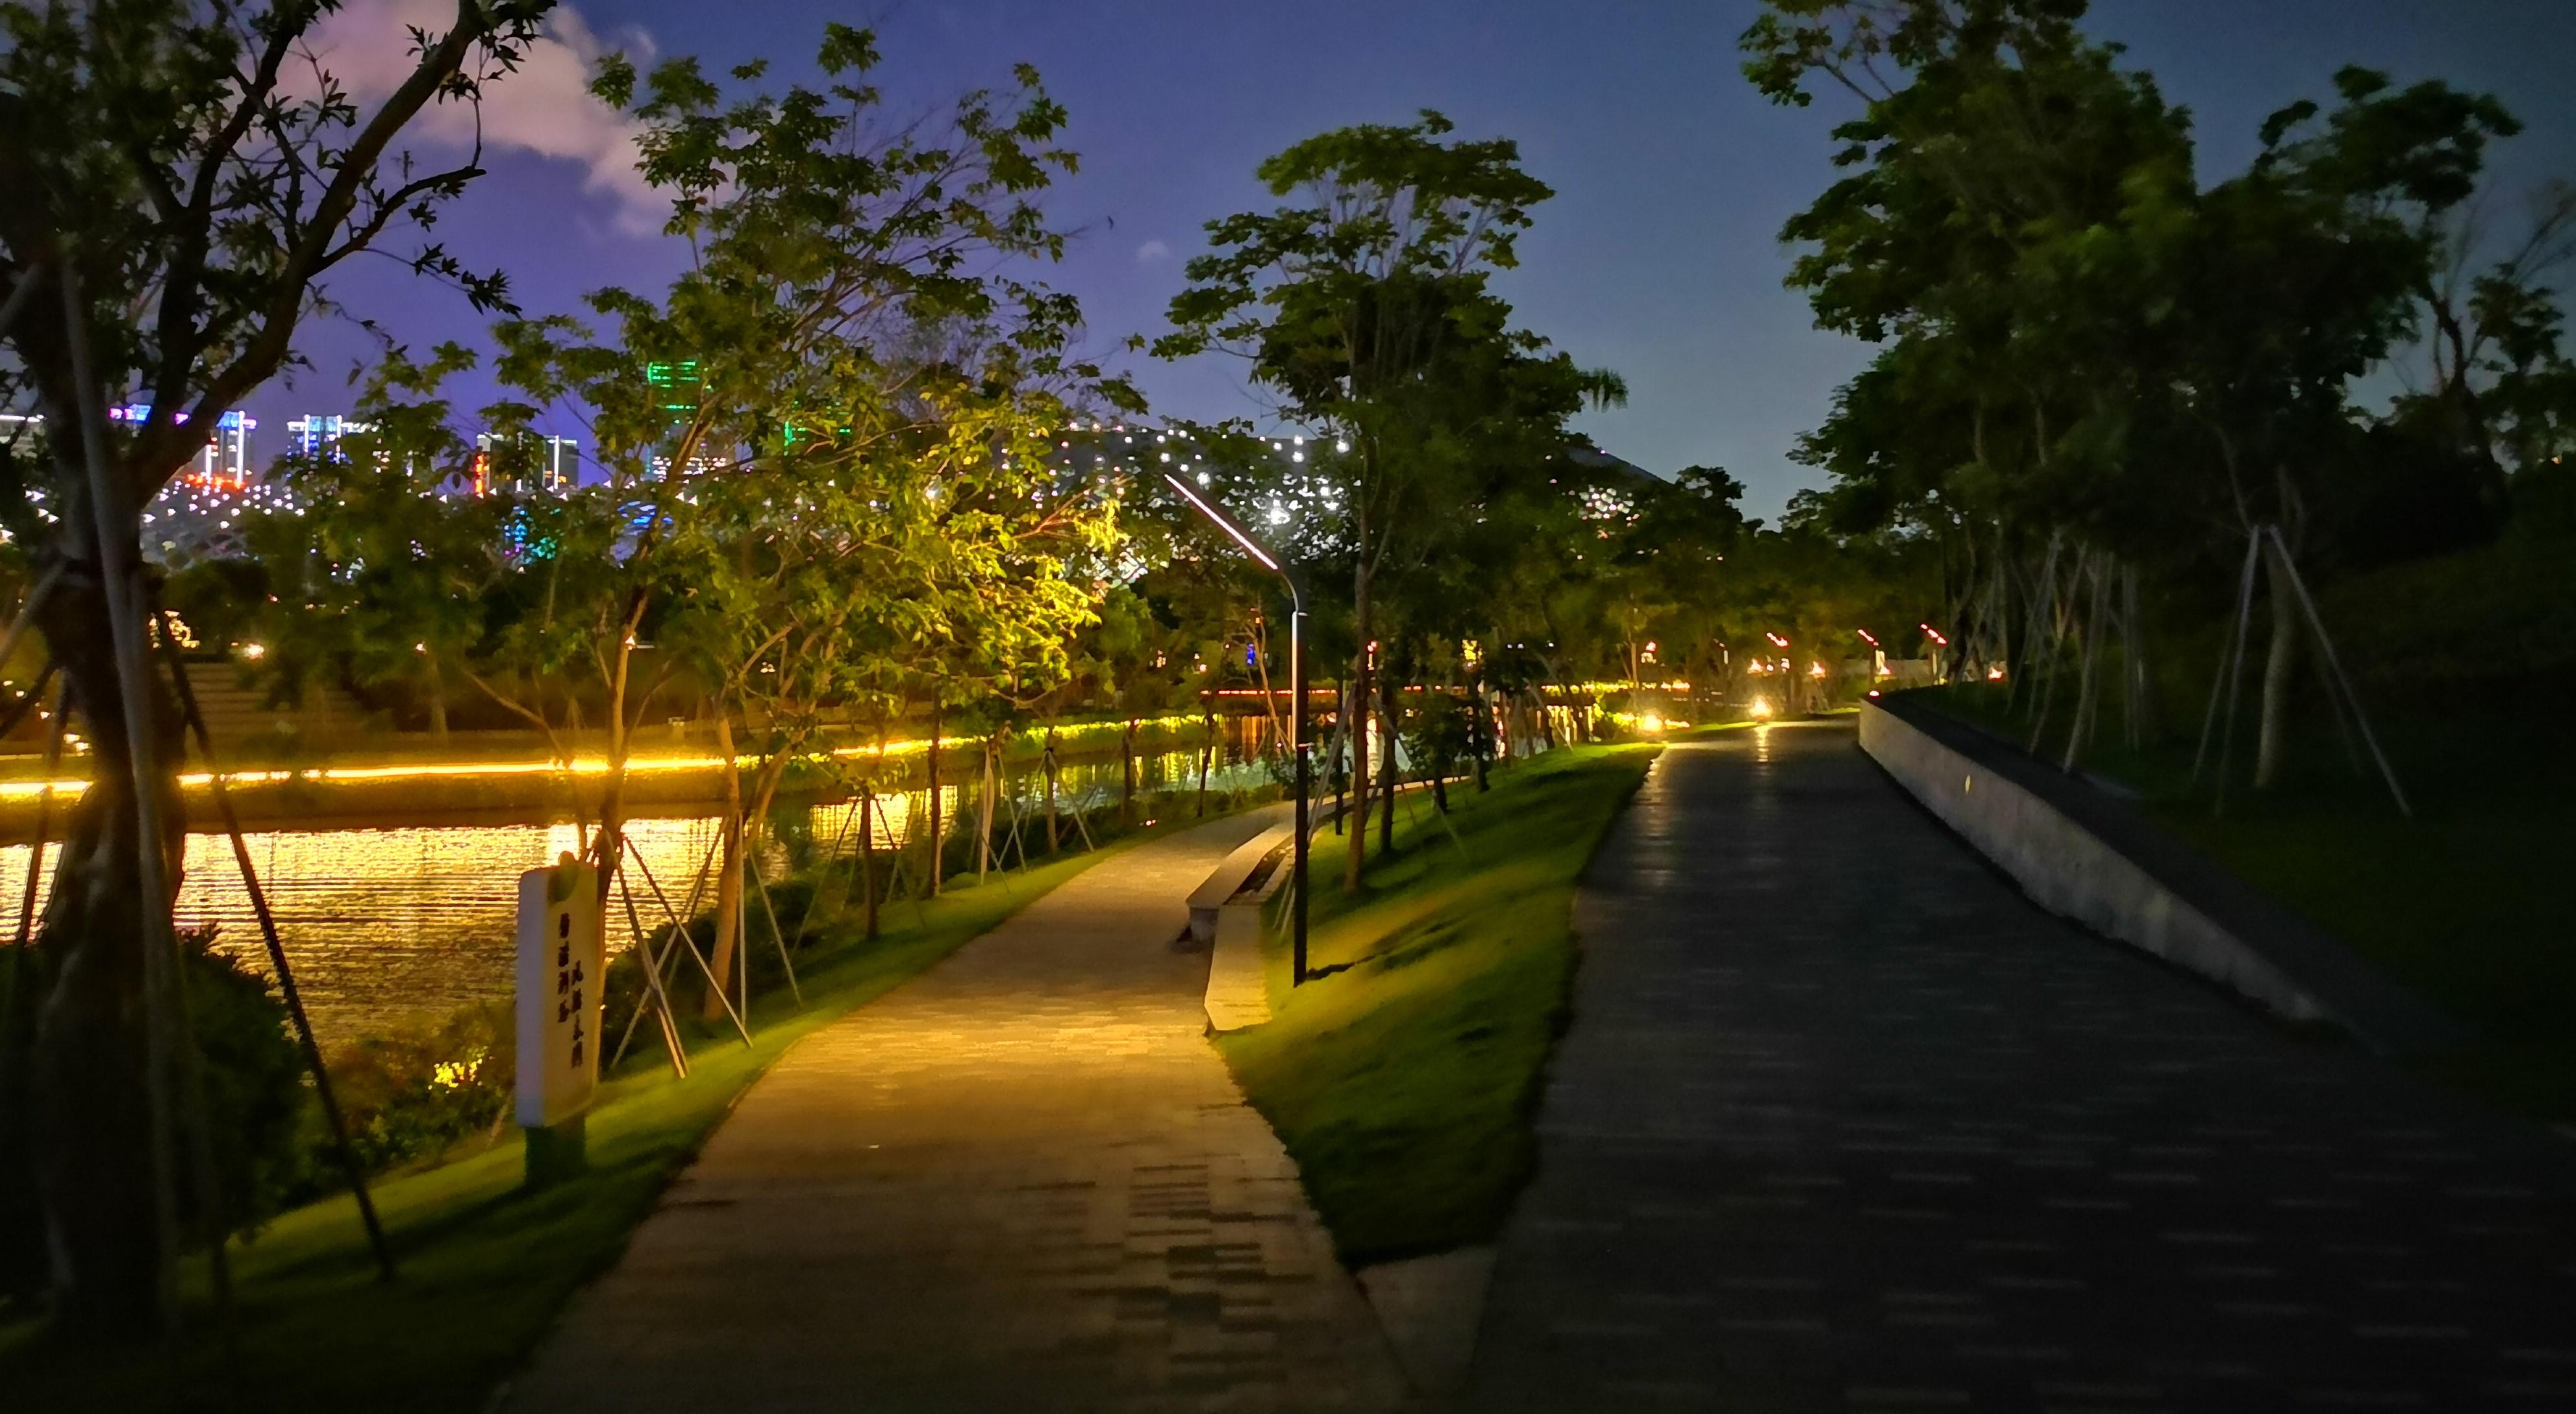 思迪恩园林景观照明设计景观亮化工程 更潮流化+更生态化